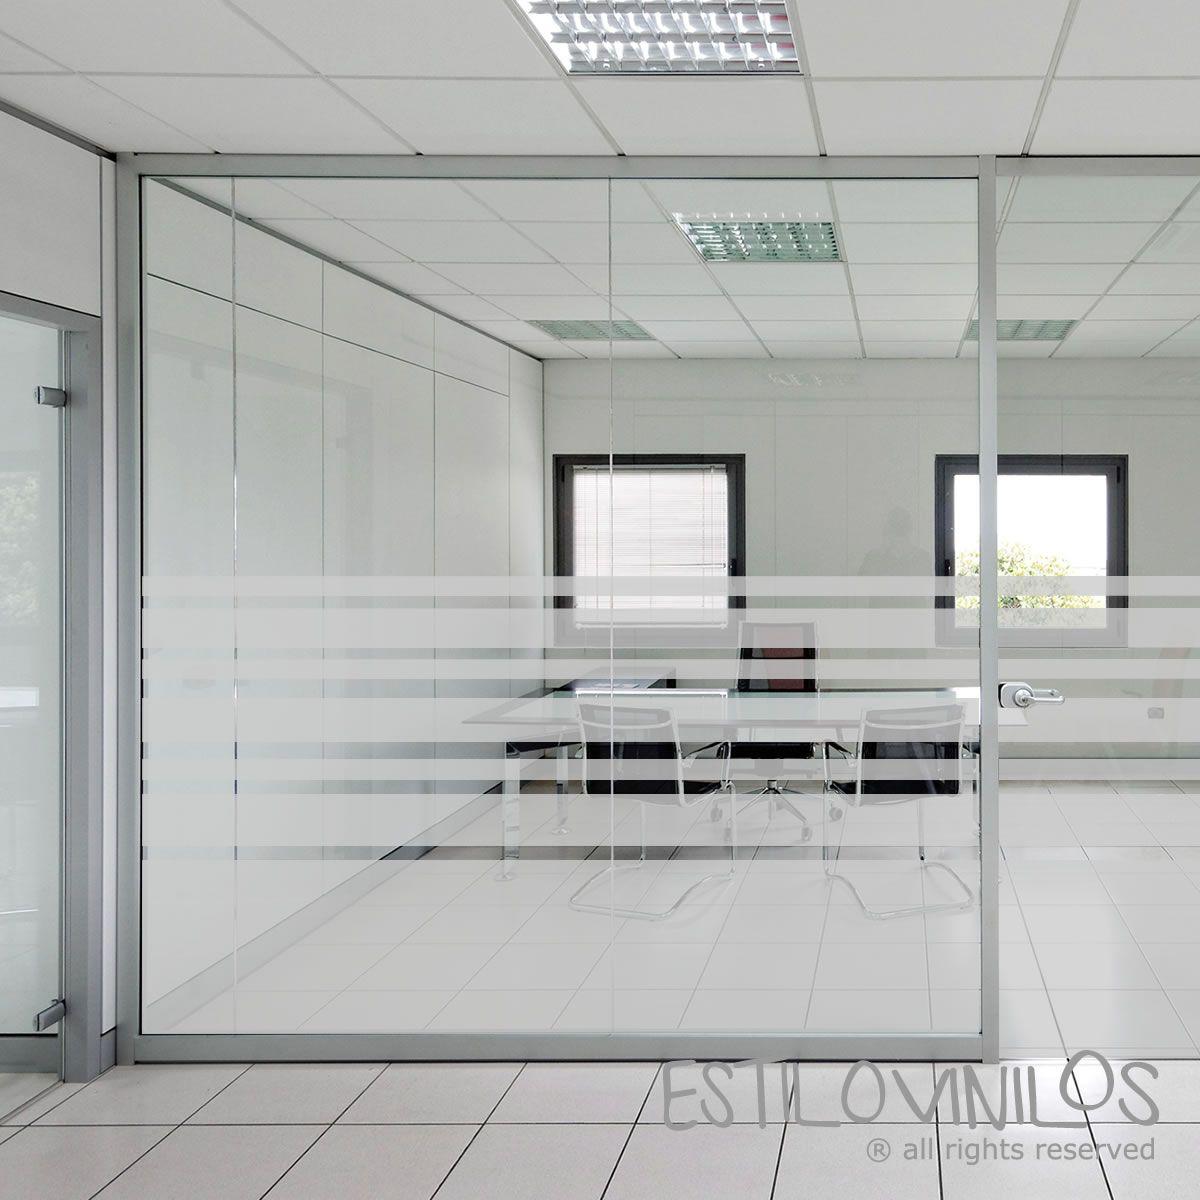 pelicula decorativa para oficinas | esmerilado oficina rayas ...